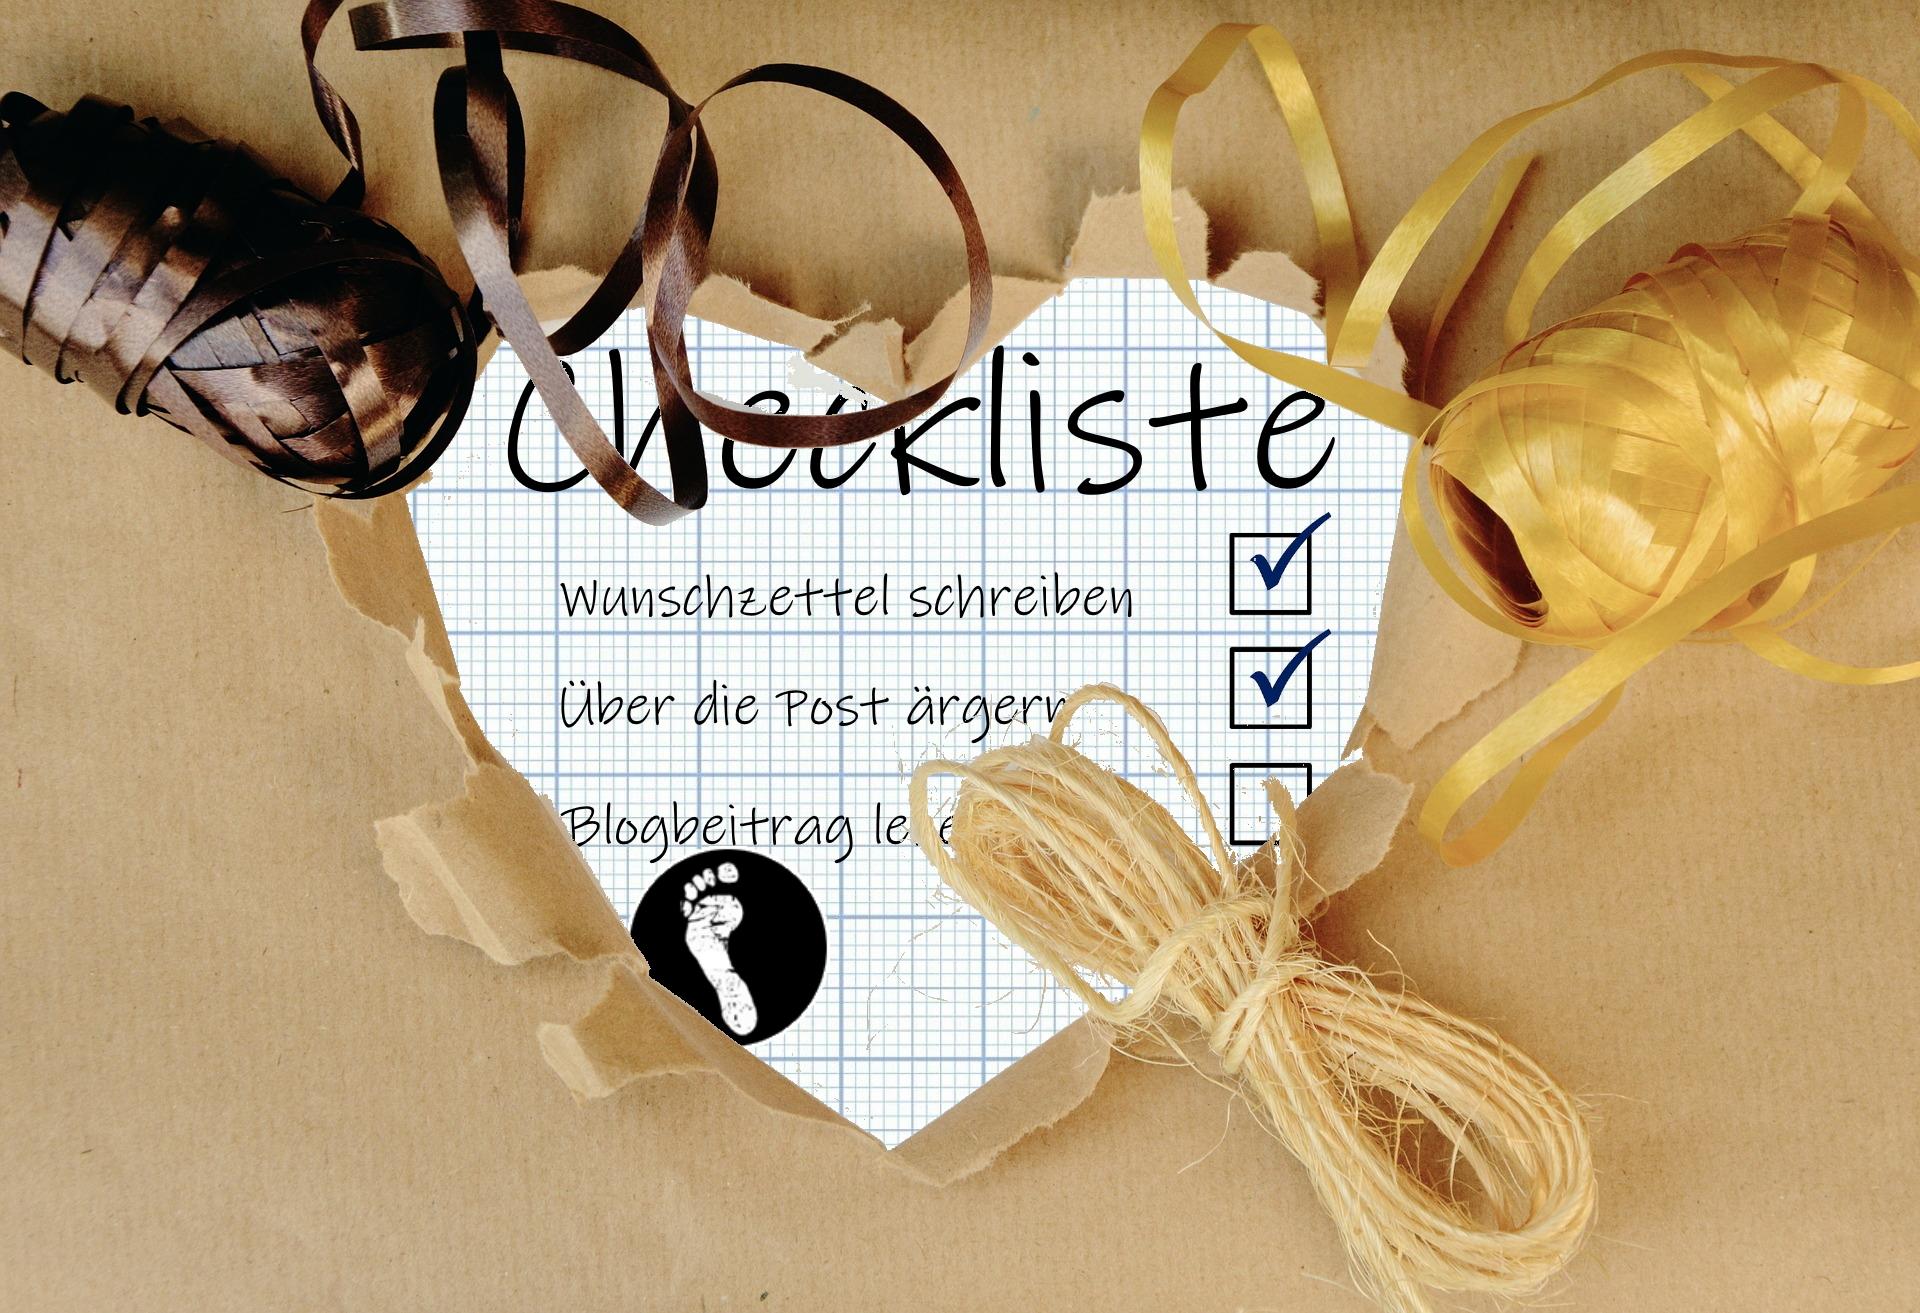 Die ultimative Checkliste: Last-Minute-Erledigungen vor Heilig Abend